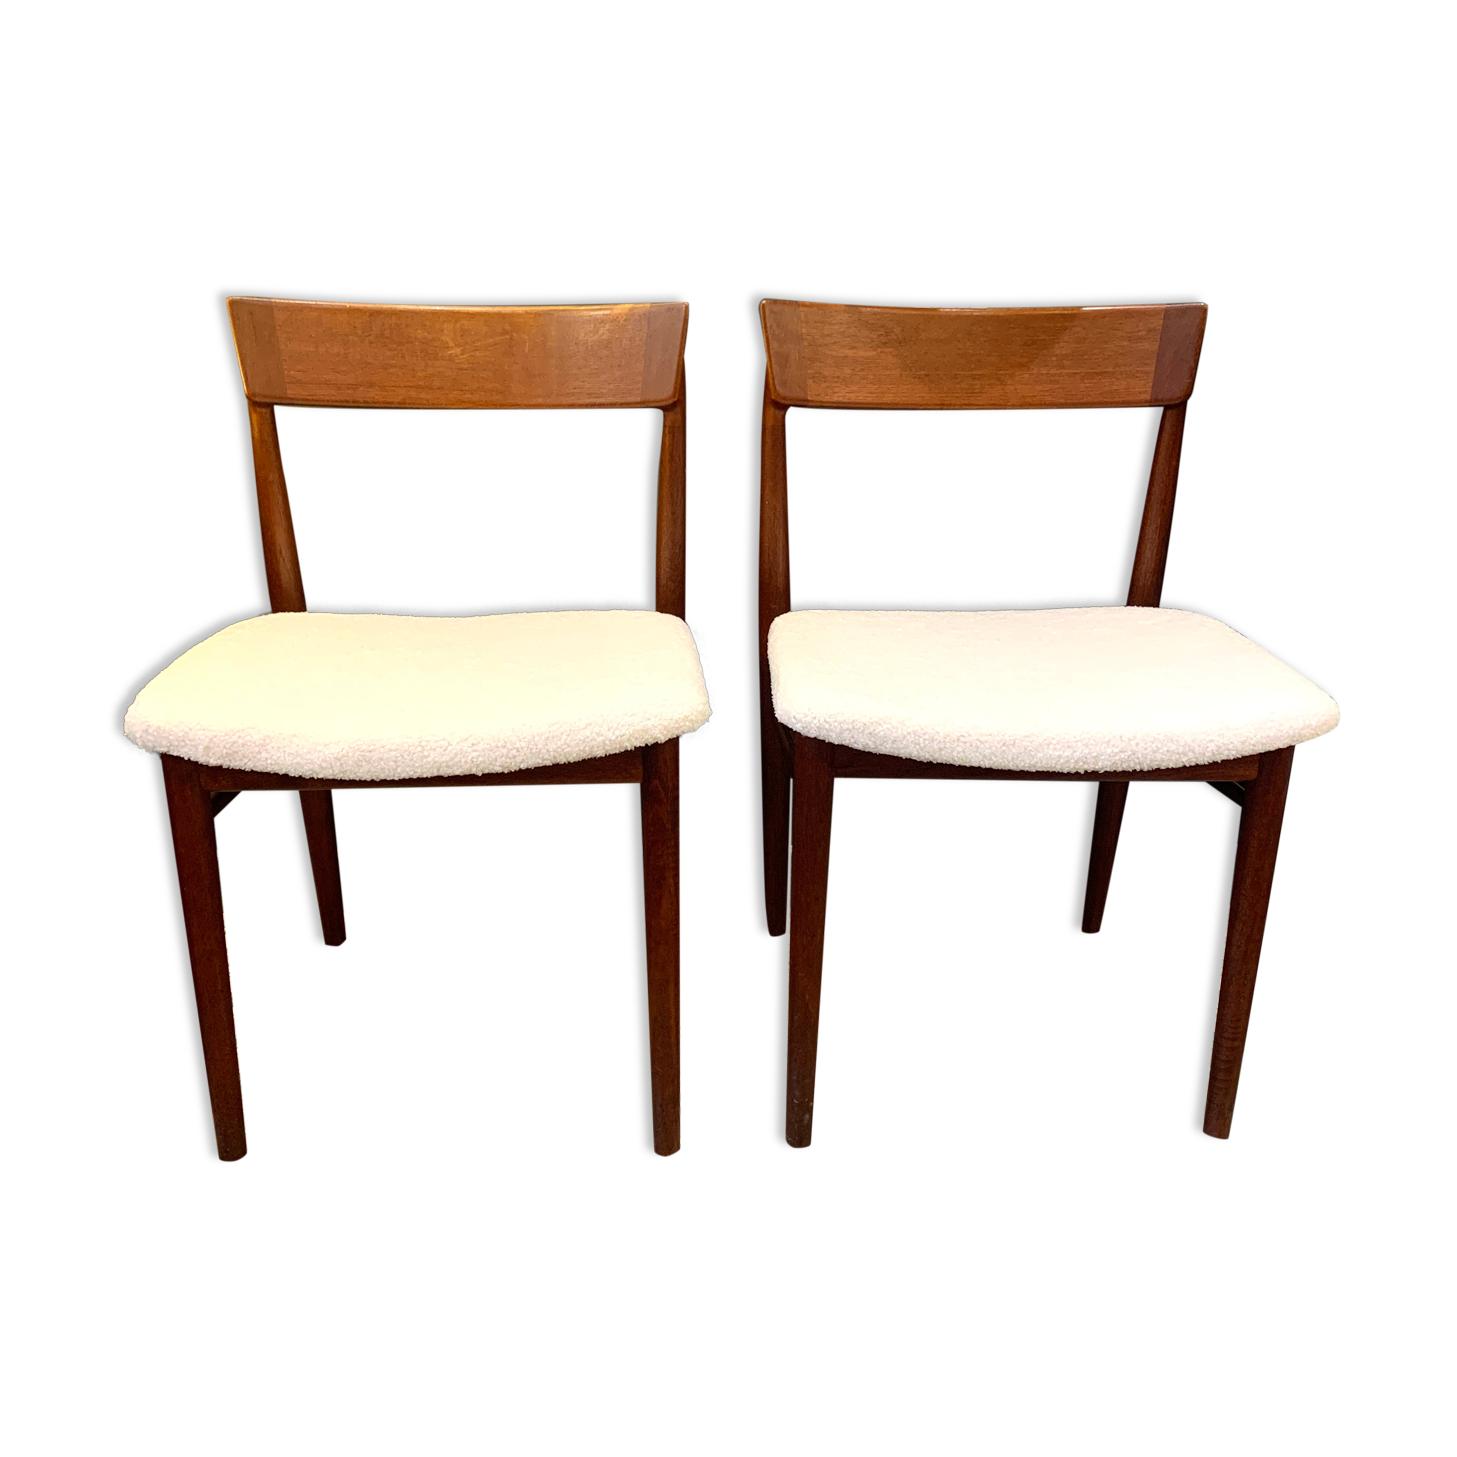 Paire de chaises vintage scandinave en palissandre